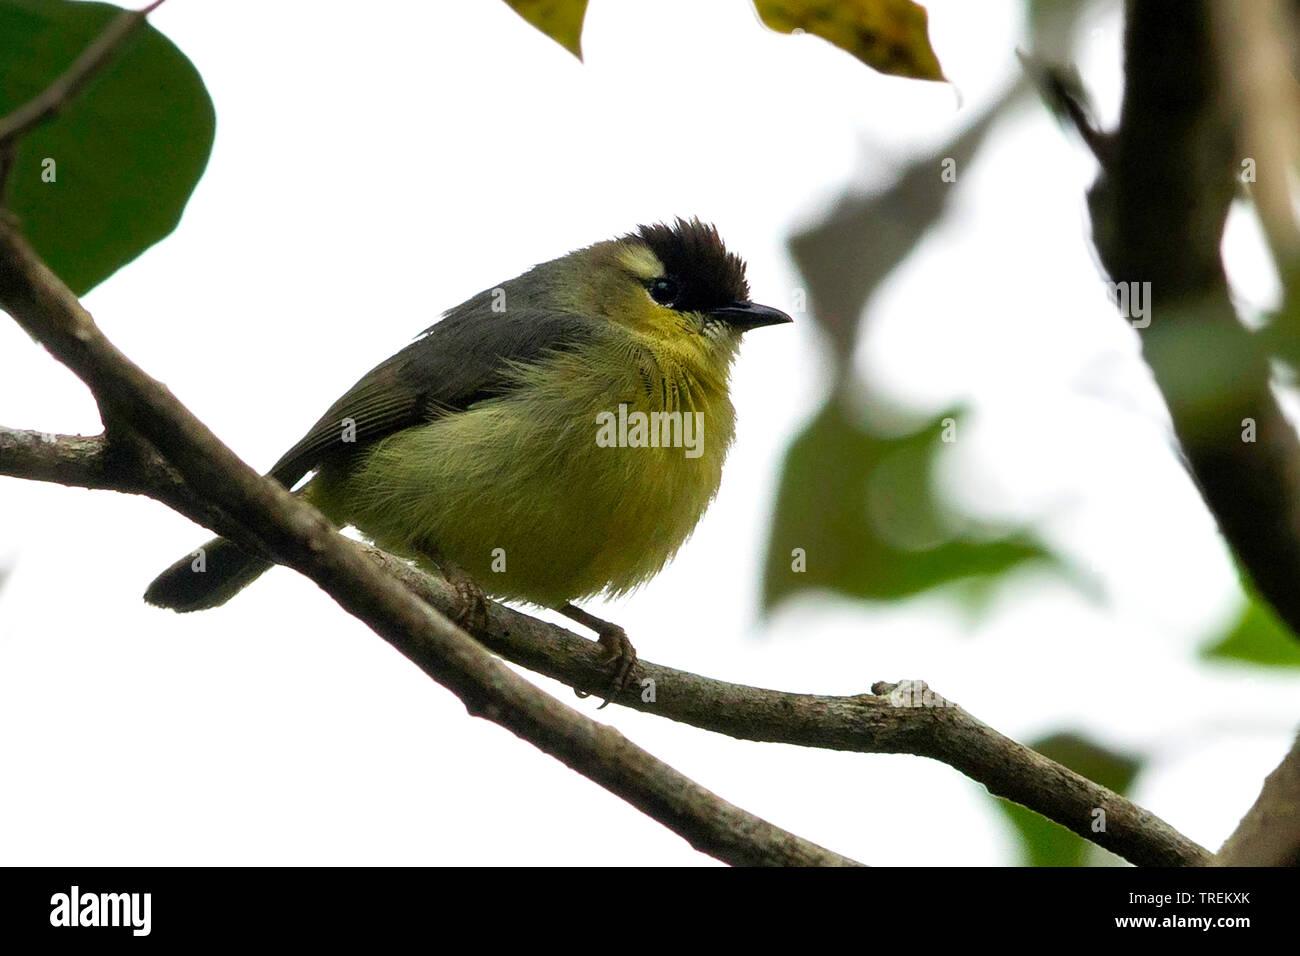 Schopfbrillenvogel, Schopf-Brillenvogel (Lophozosterops dohertyi), endemisch auf Sumbawa und Flores, Indonesien, Lesser Sunda Islands | crested white- - Stock Image